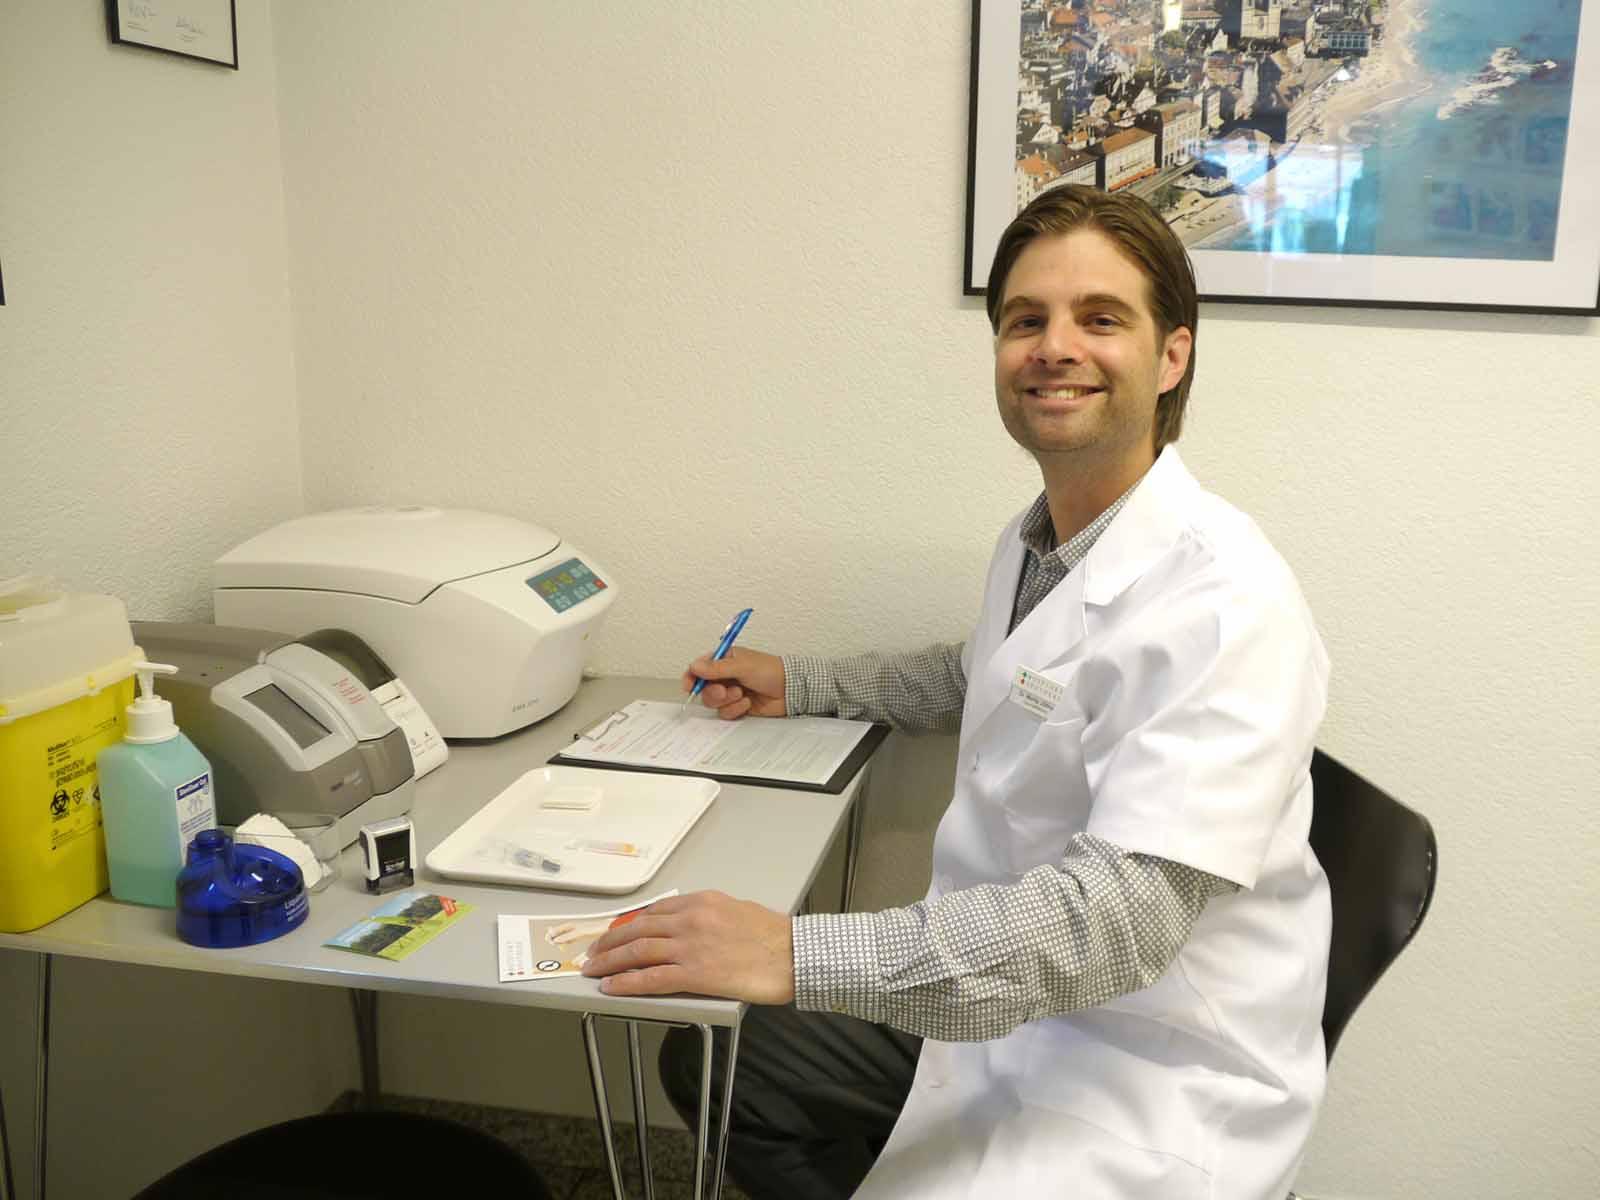 Apotheker Moritz Jüttner bereitet in der Limmat-Apotheke eine Impfung vor.